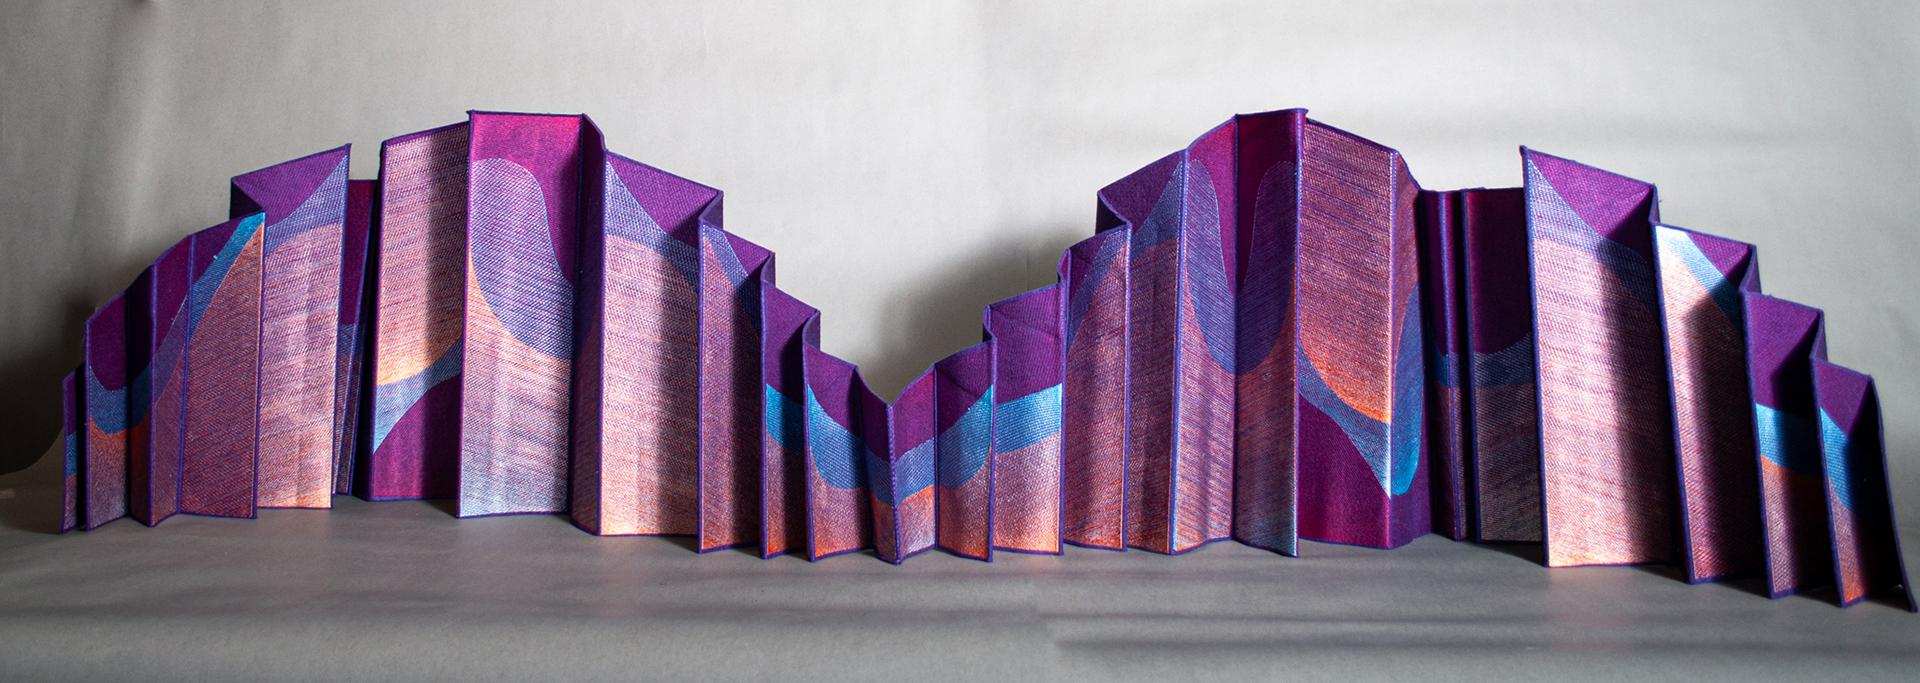 Textile Art by Susan Hensel